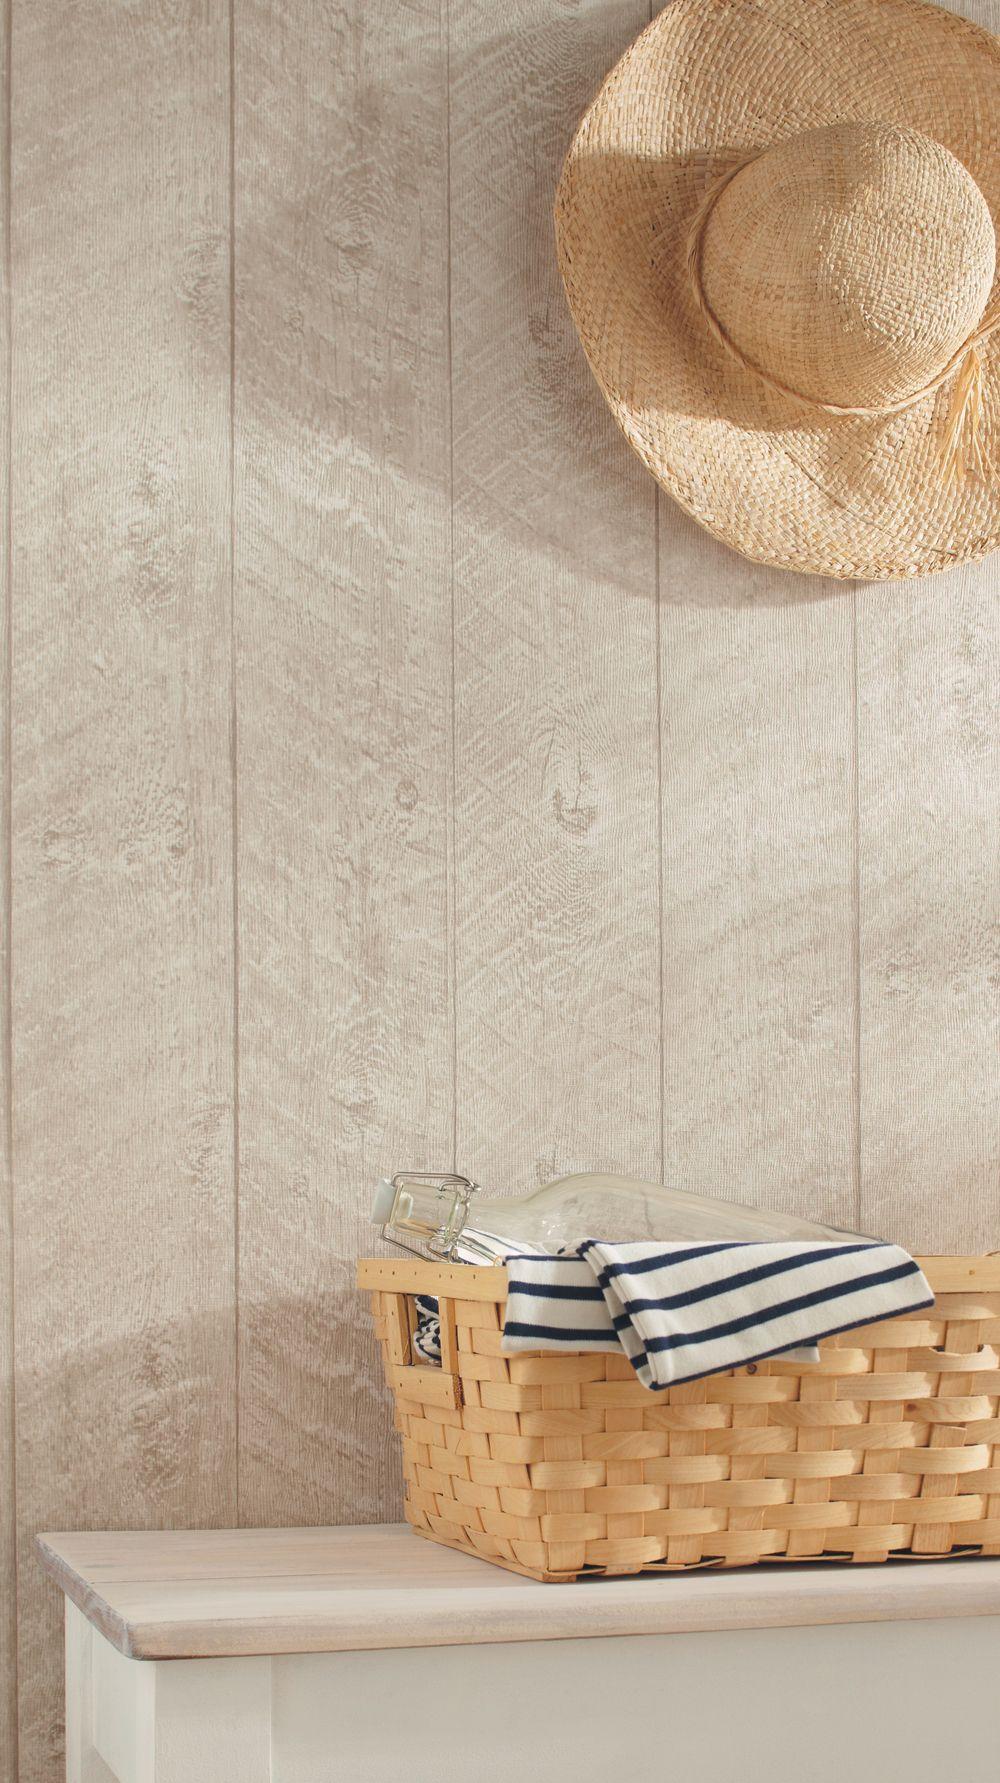 planches de lambris patin es papier peint bord de mer. Black Bedroom Furniture Sets. Home Design Ideas